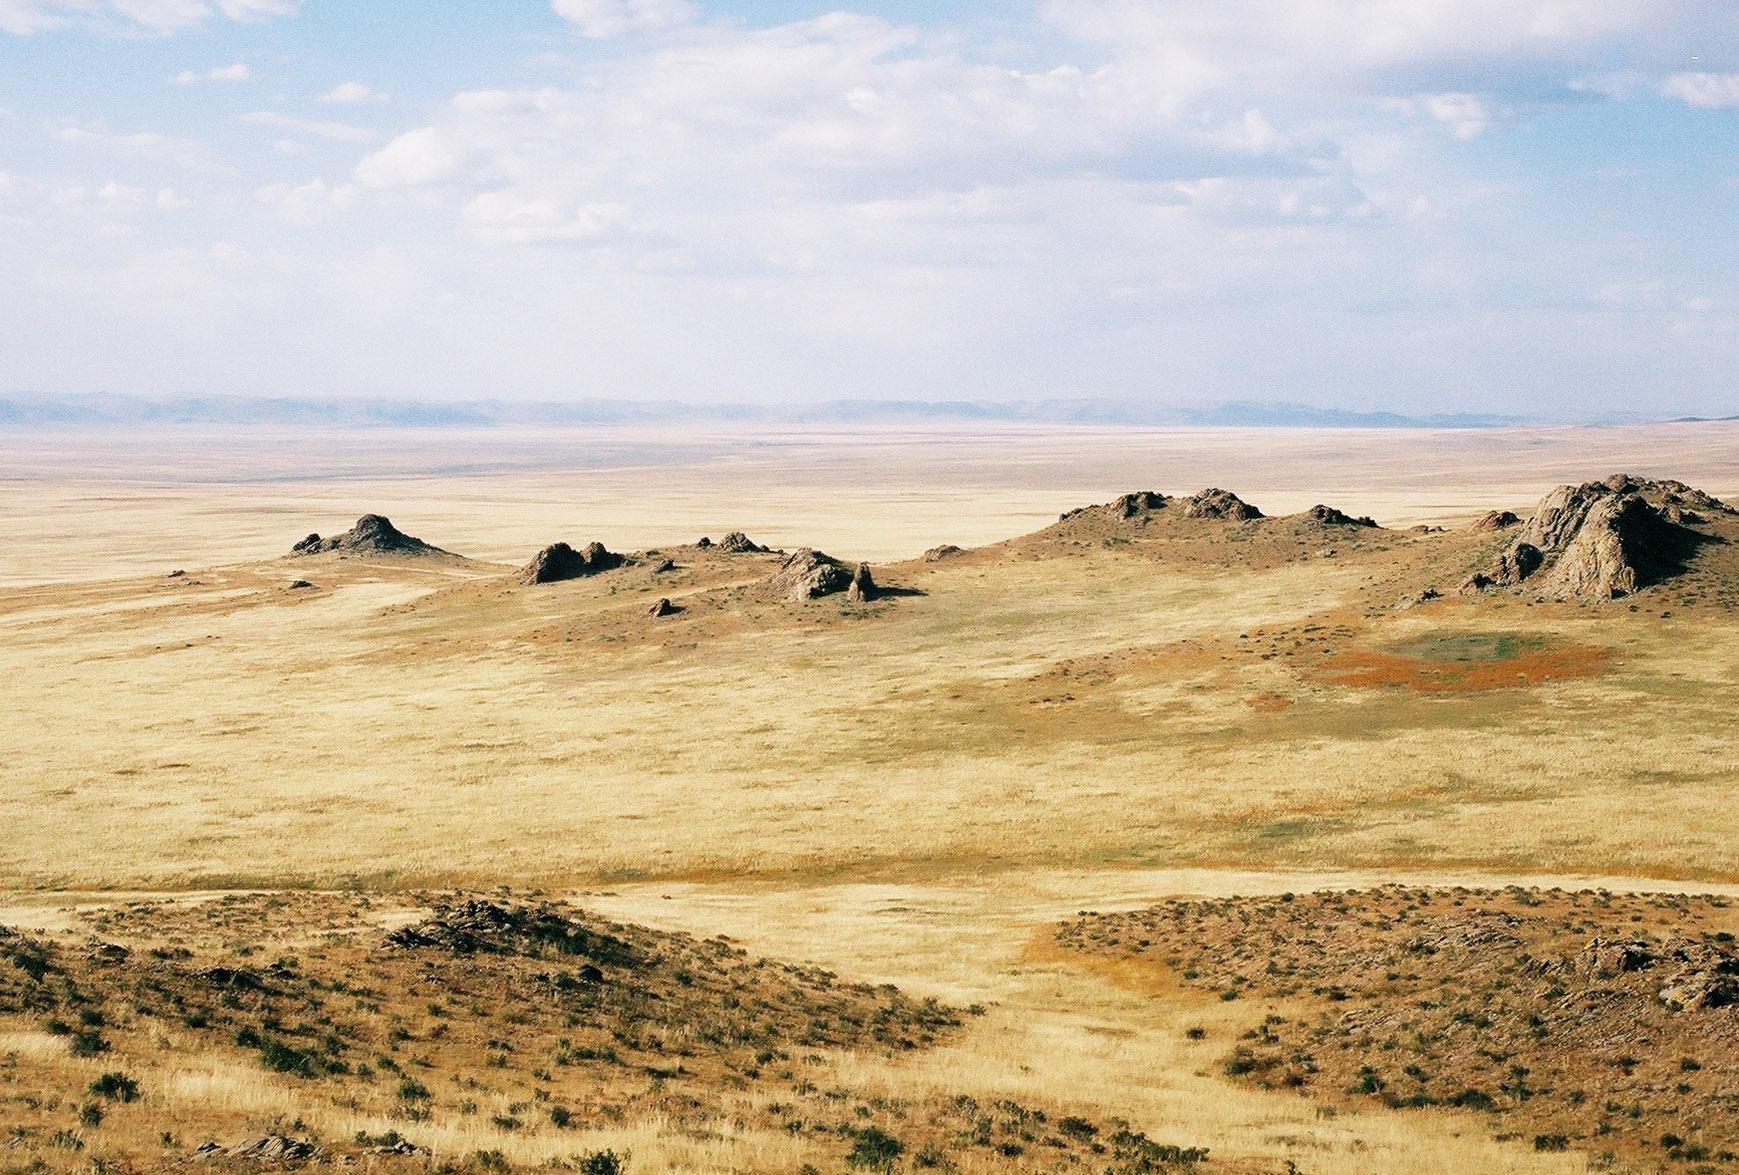 mongolia026.jpg